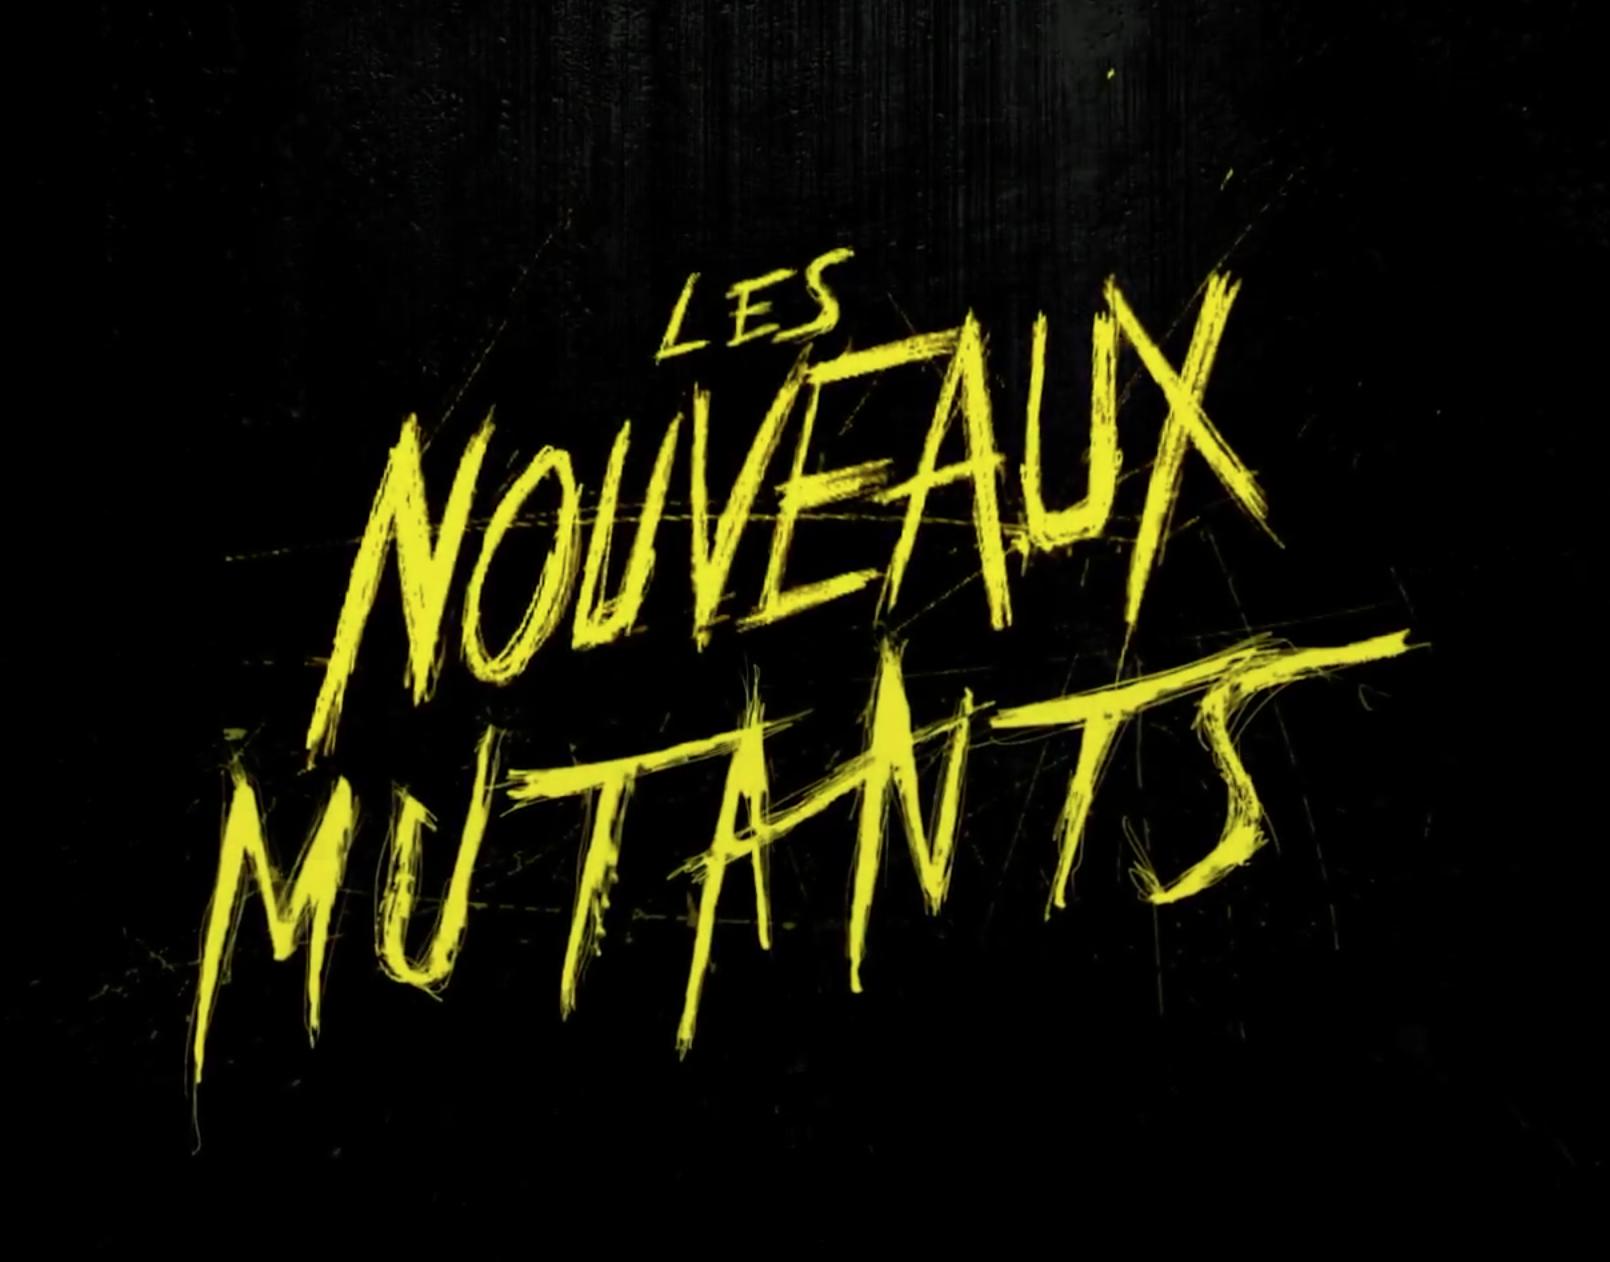 les nouveaux mutants films 2019